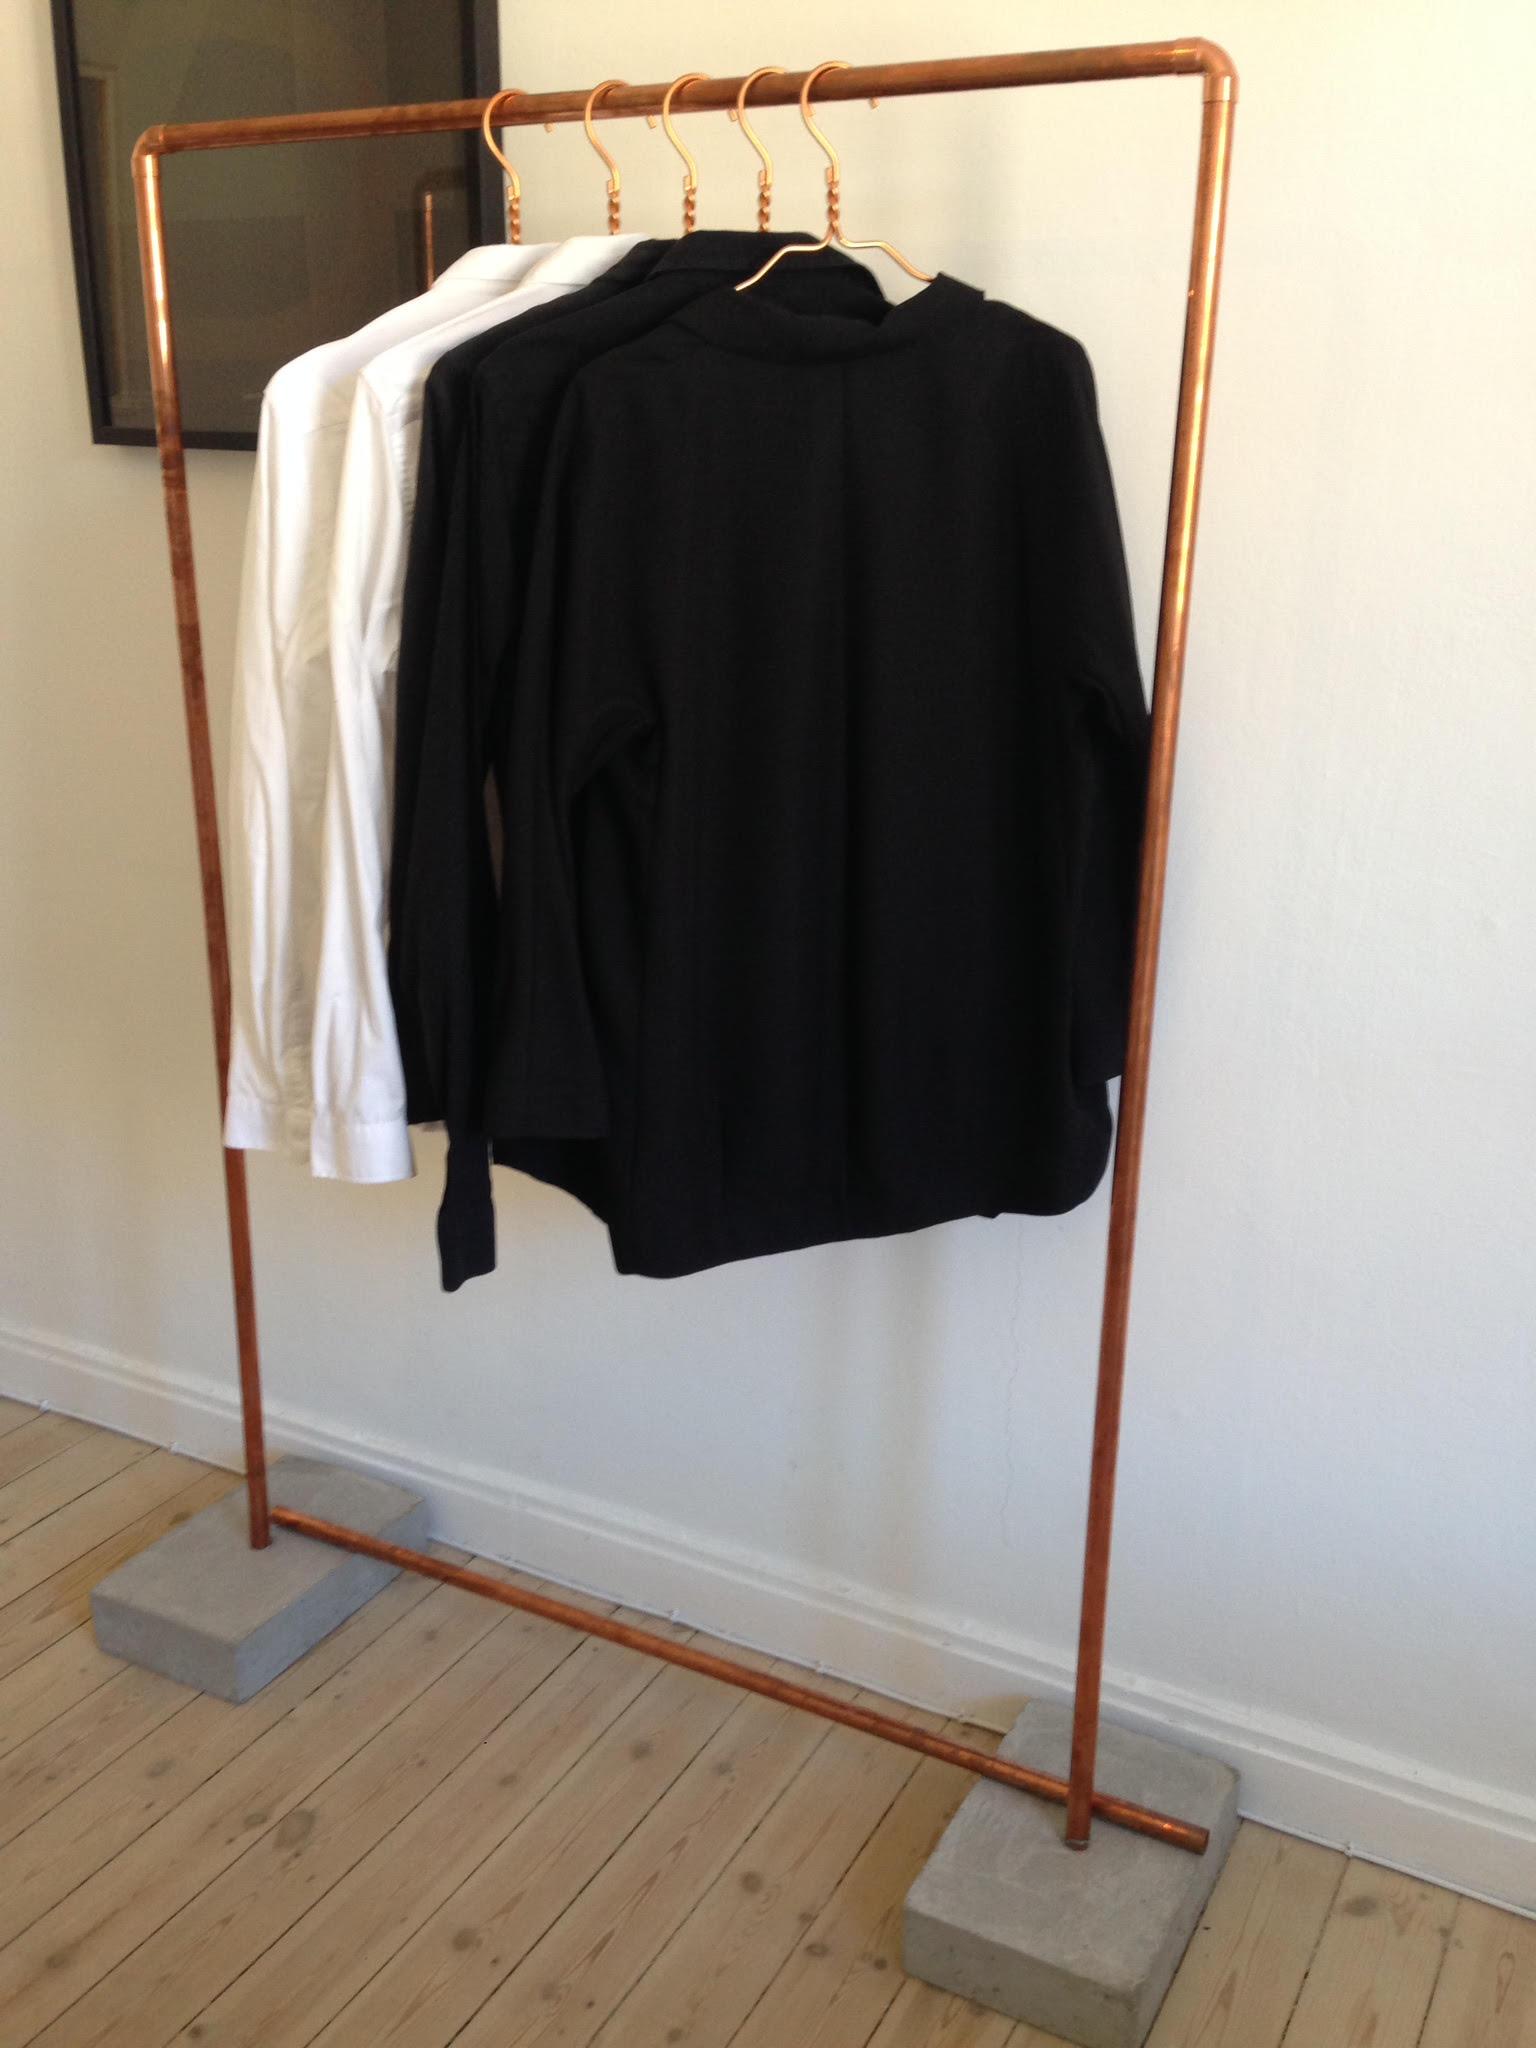 DIY: plankebord og et tøjstativ - superbilligt | Boligmagasinet.dk